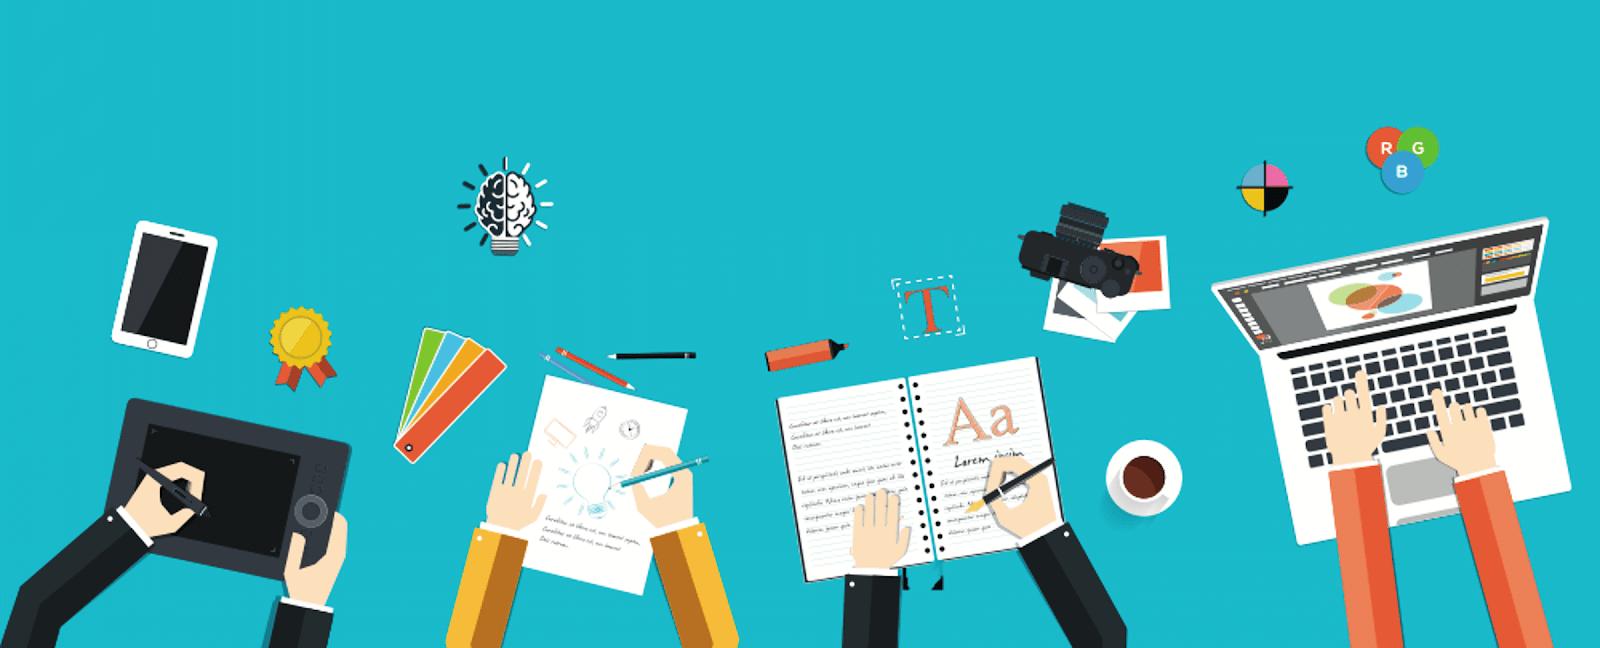 Як розробити дизайн логотипу | LoGoGo Studio